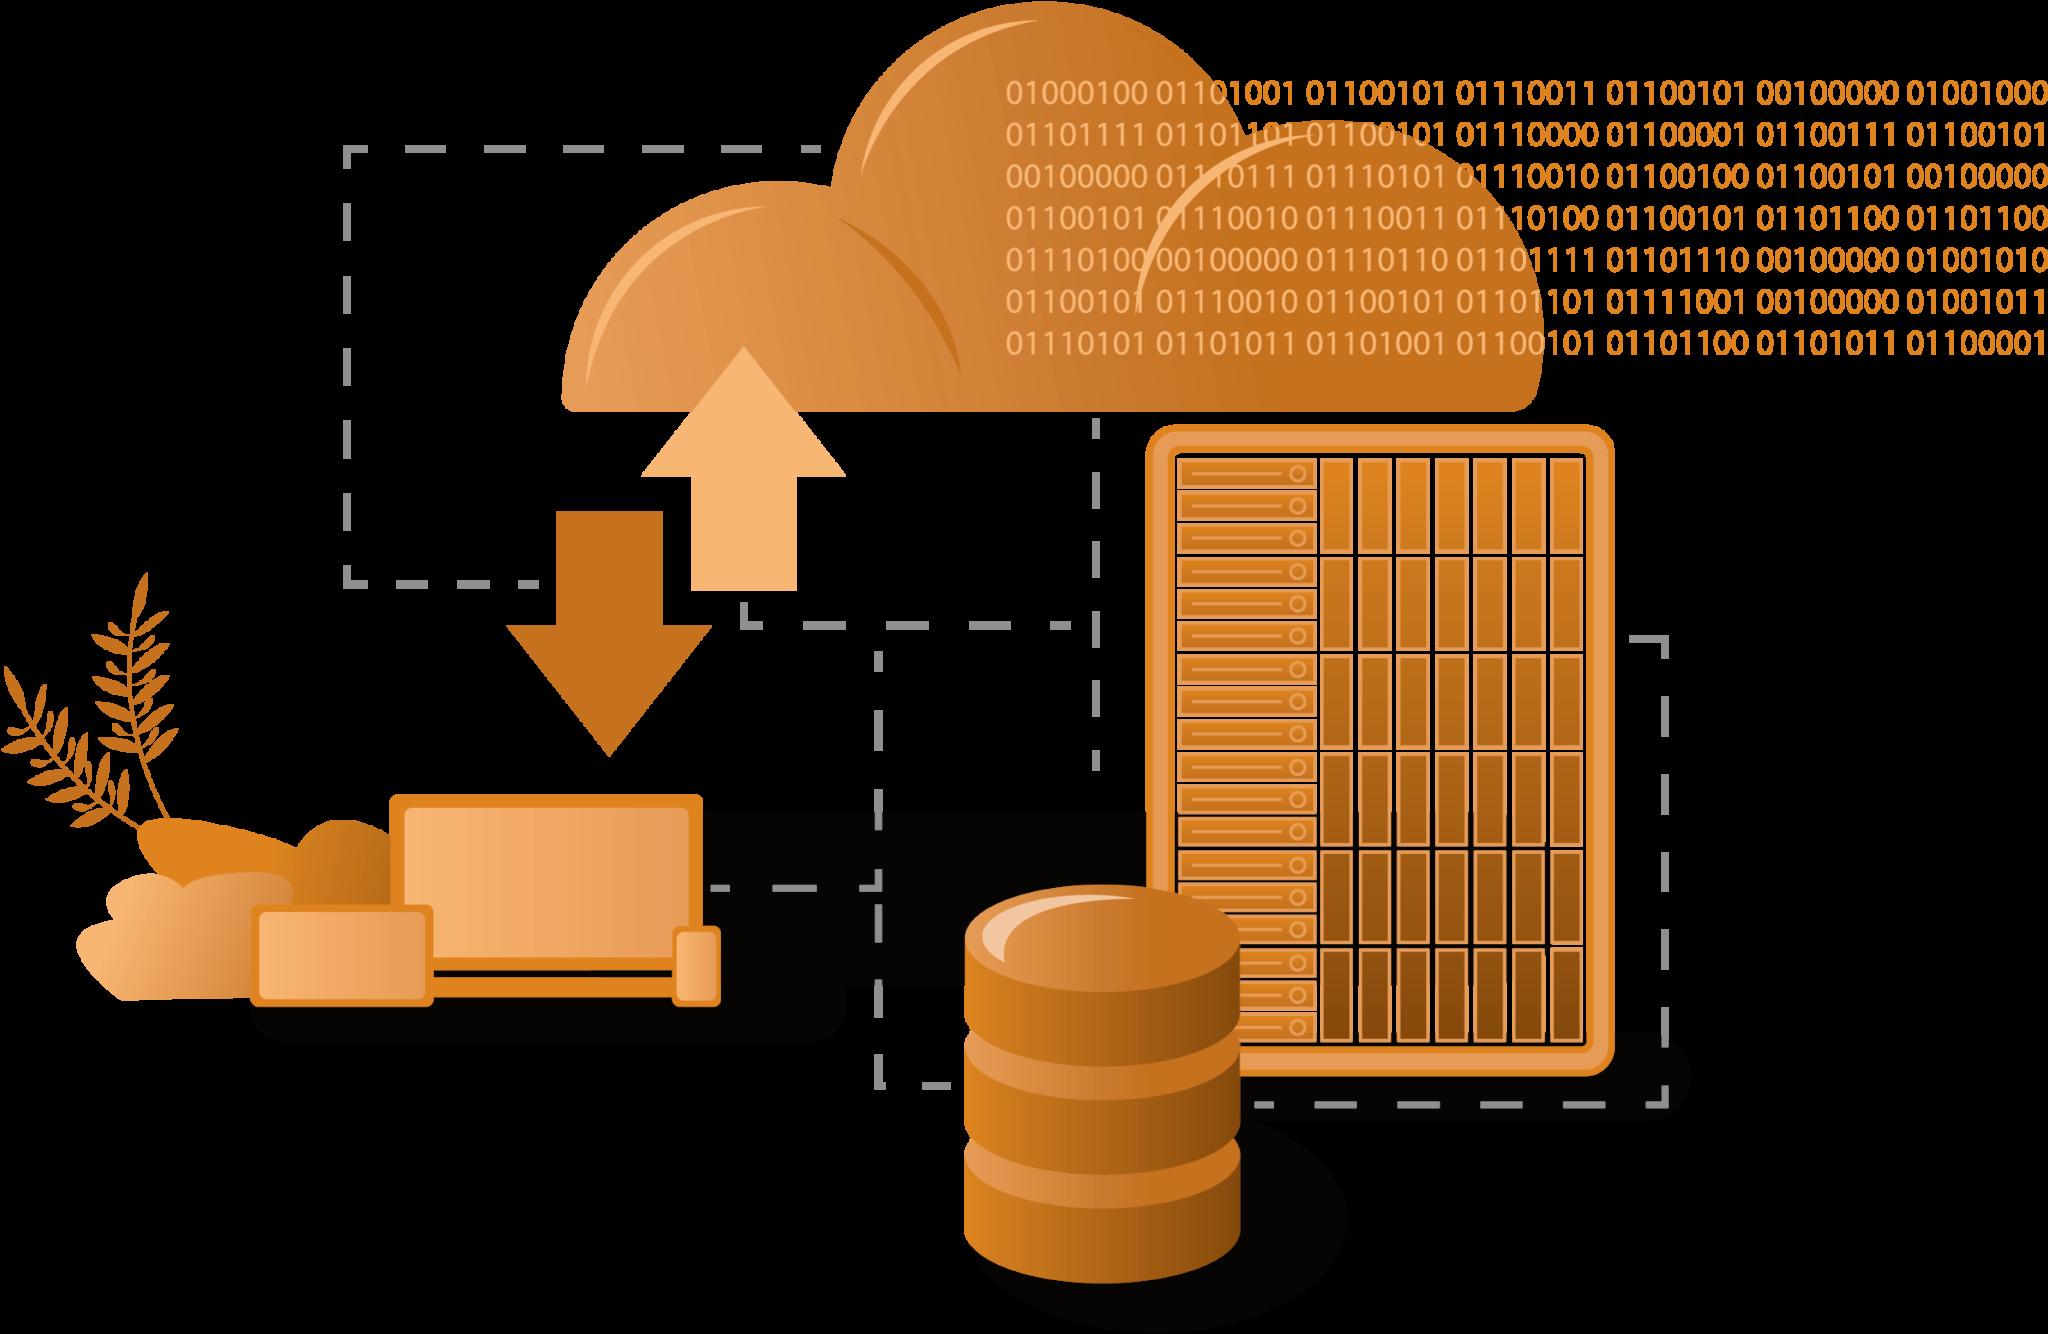 Dienstleistung - Datenbanken